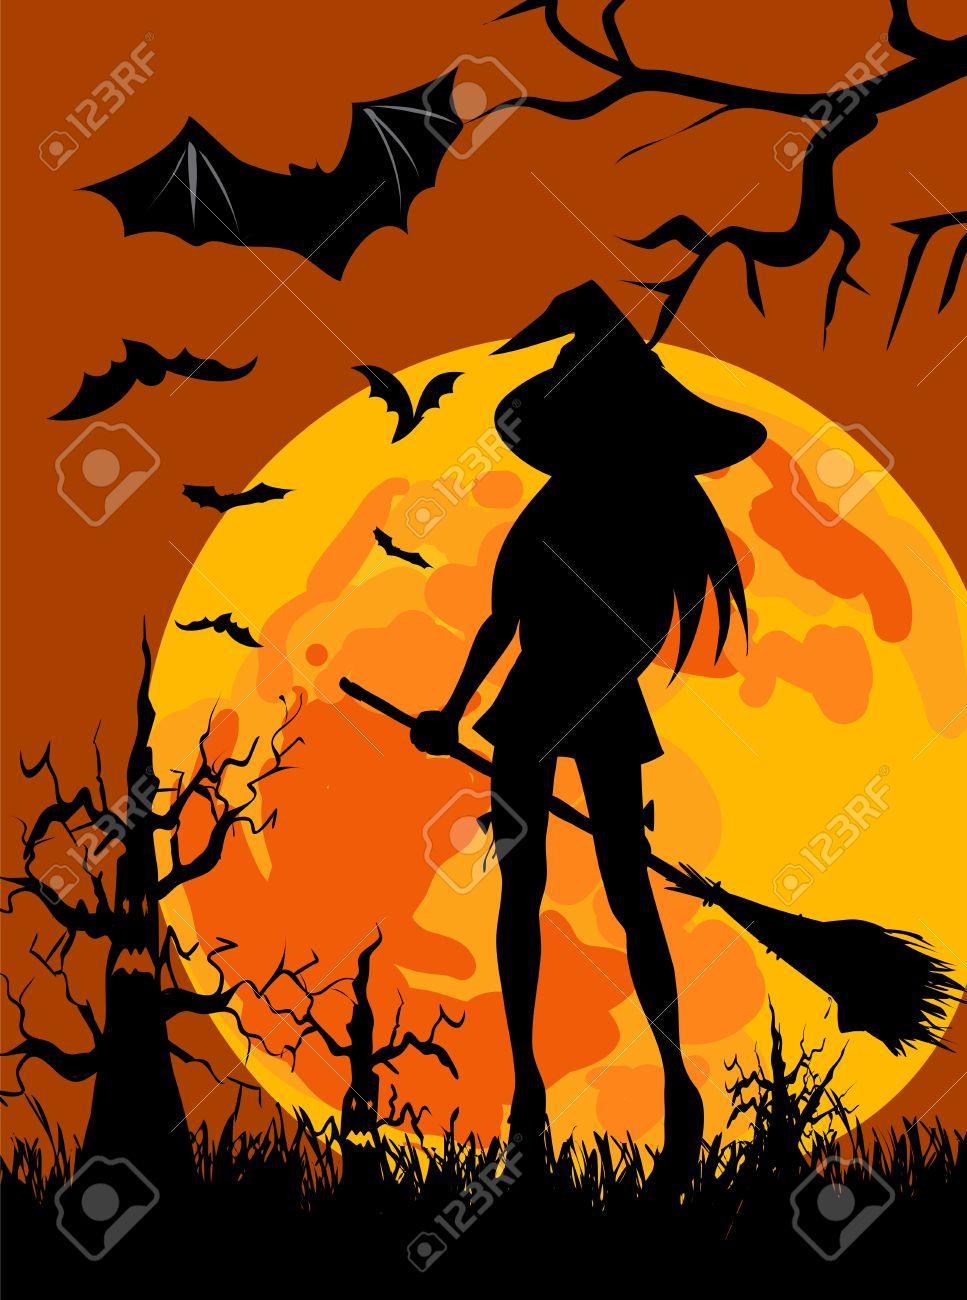 ハロウィーンのテーマの魔女 月 ハロウィーンの木のシルエット壁紙のイラスト素材 ベクタ Image